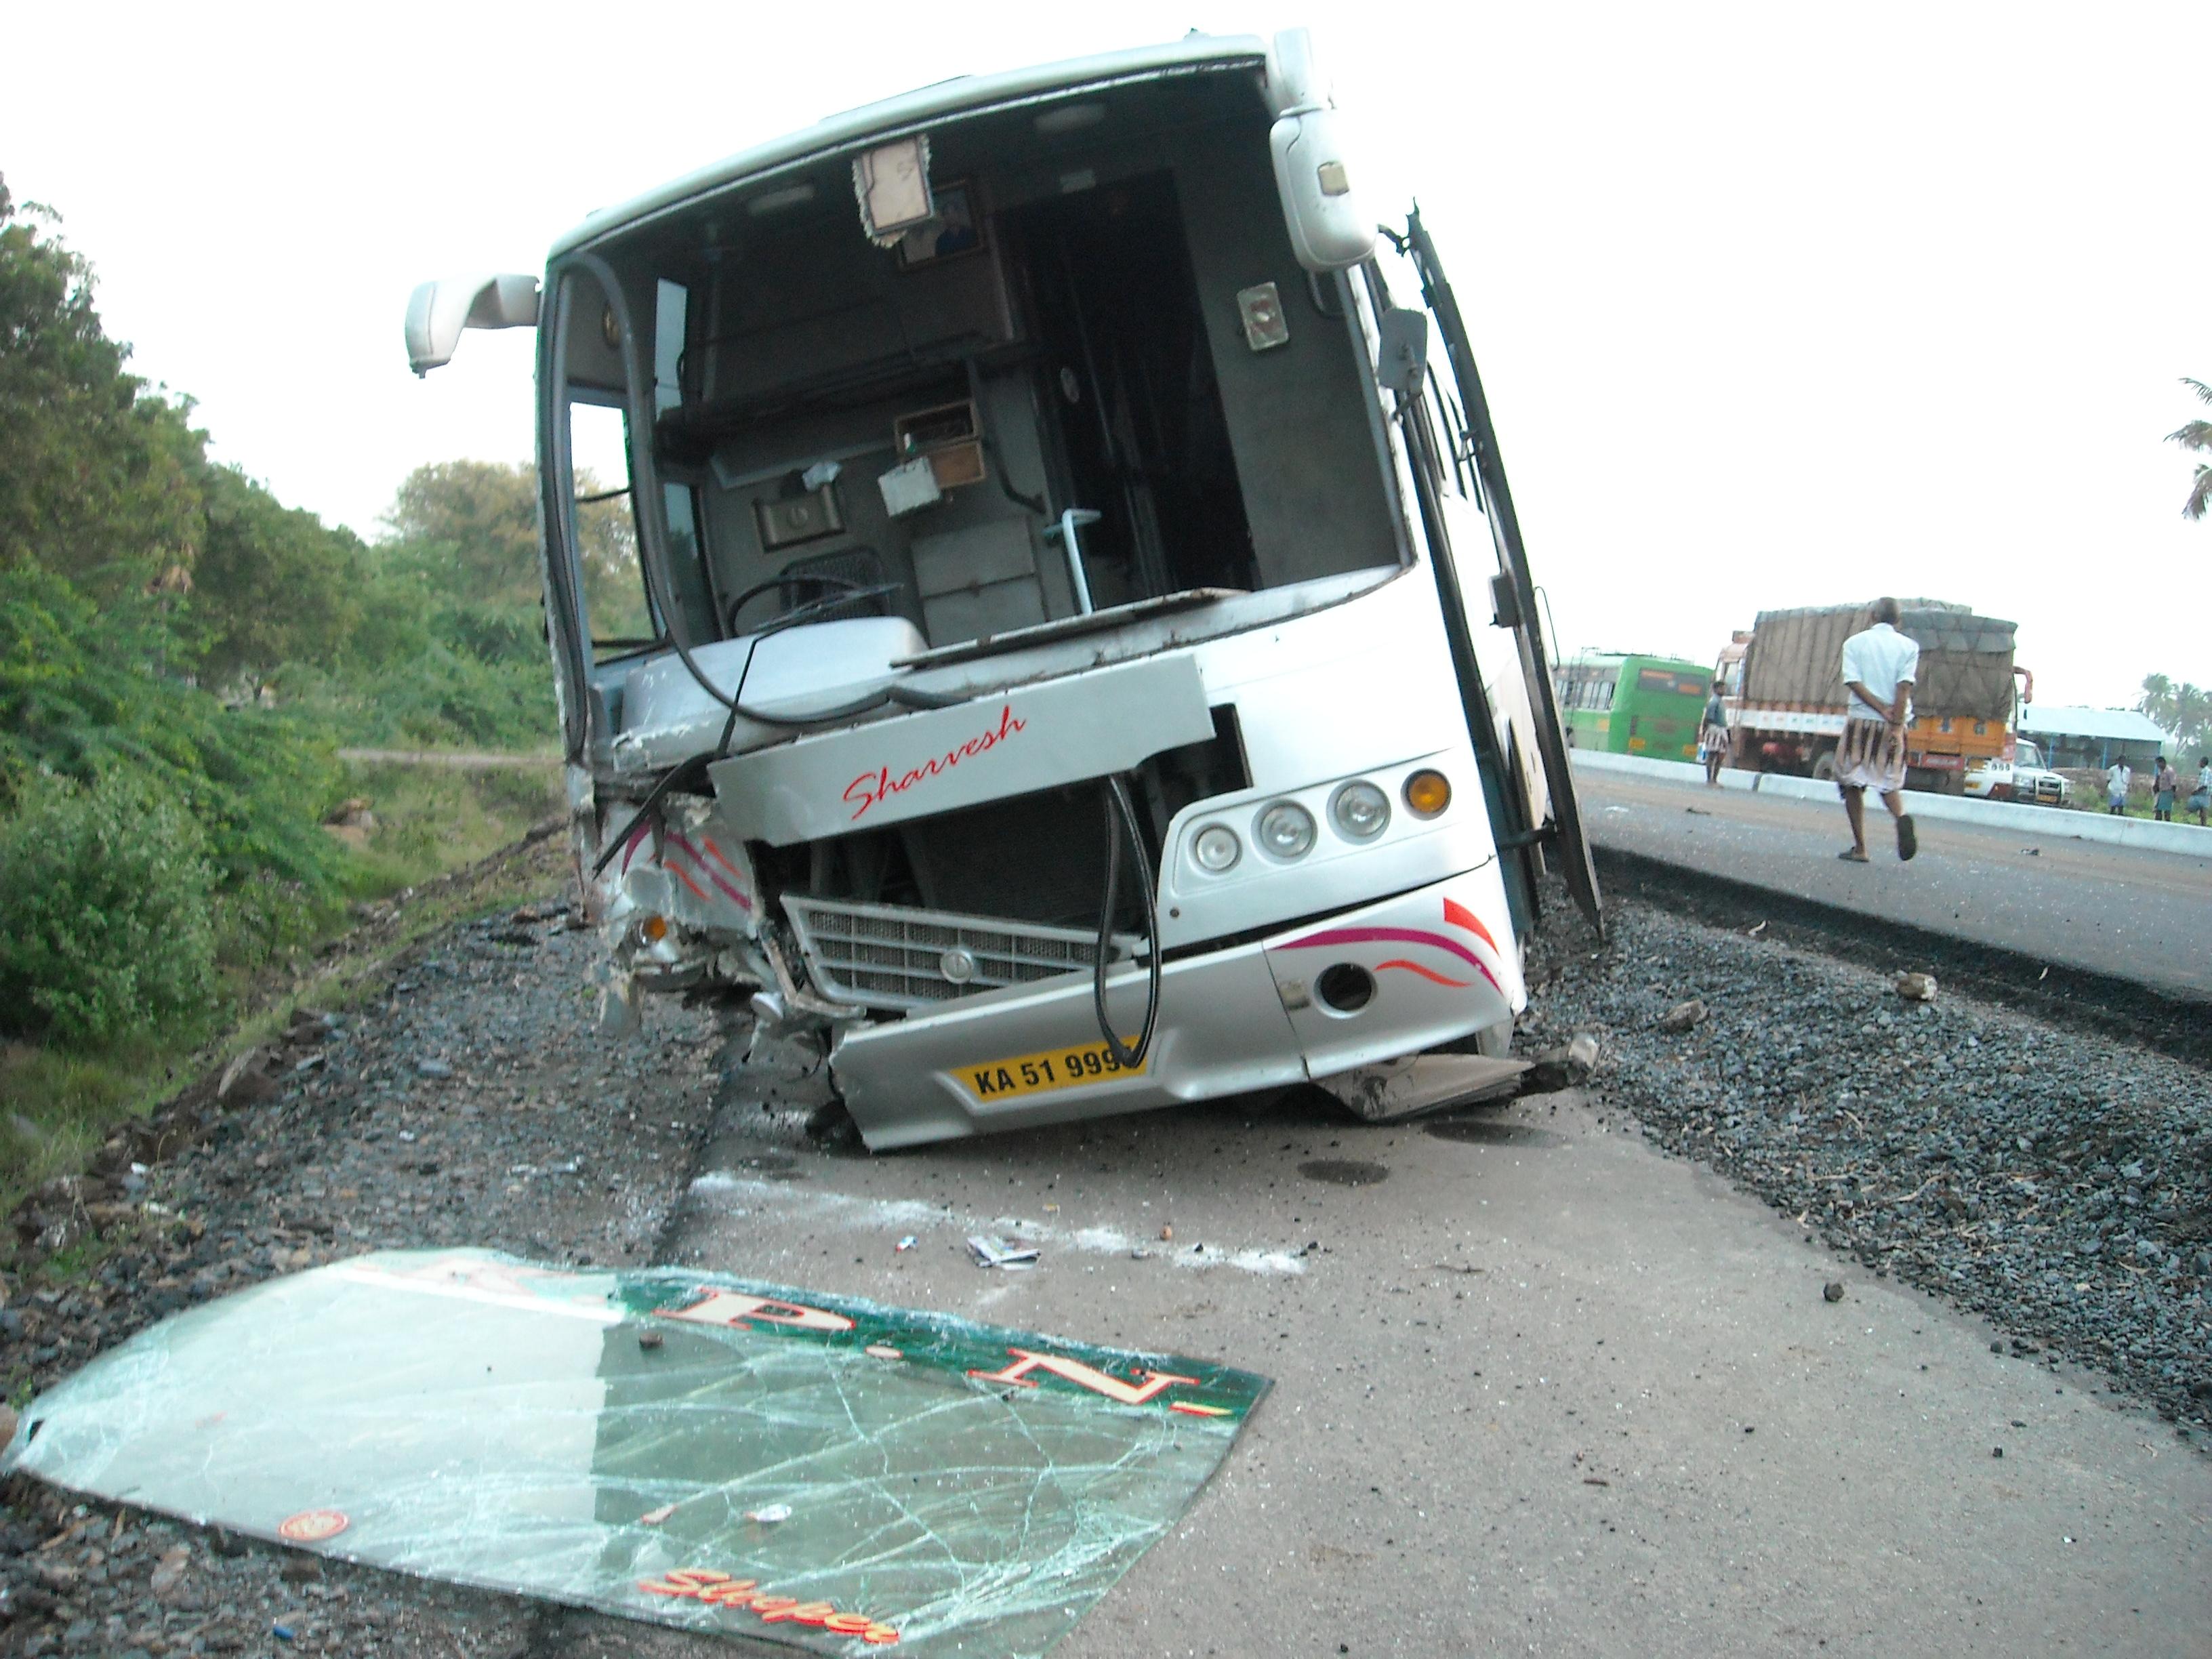 Kpn bus accident photos